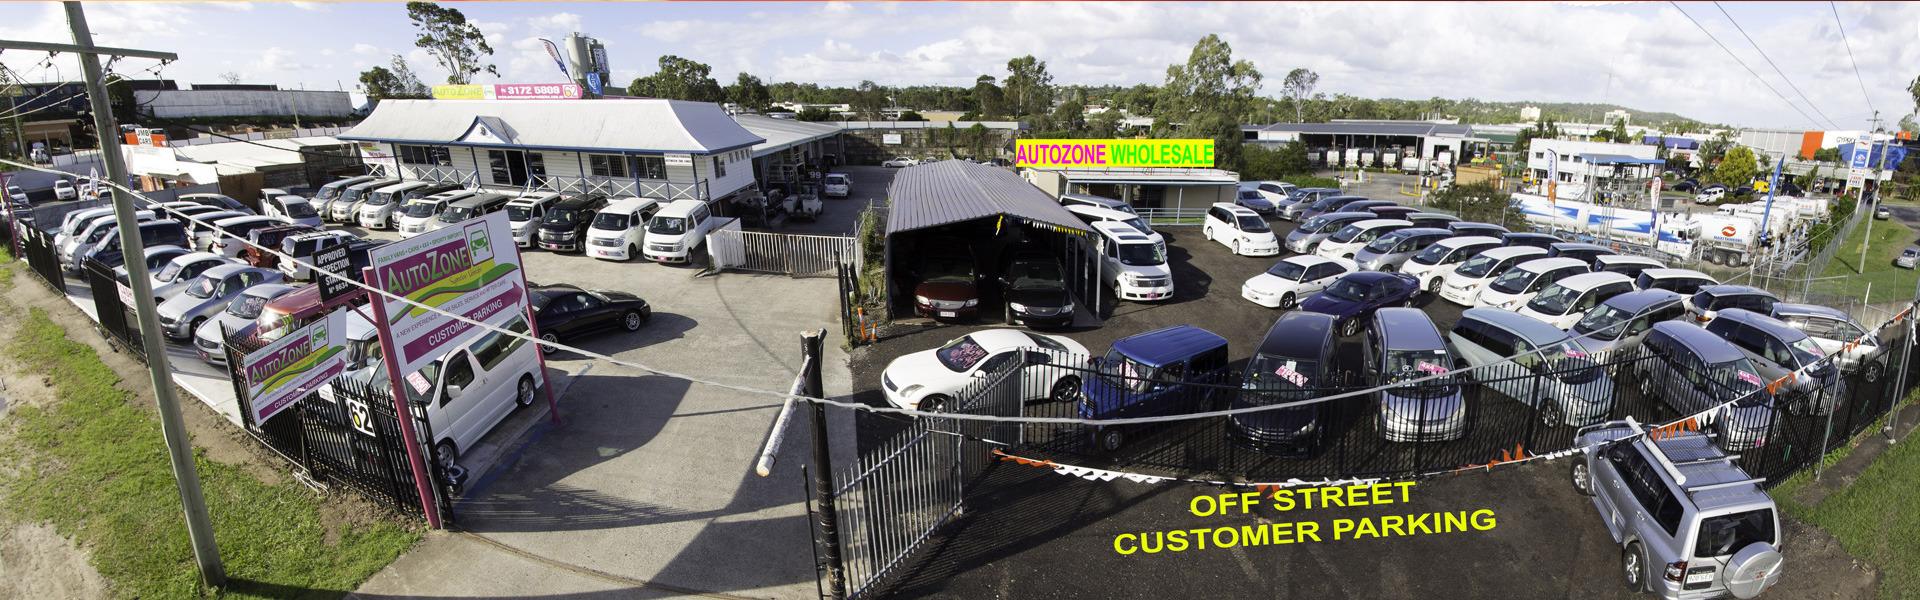 Auto Zone Superior Vehicles